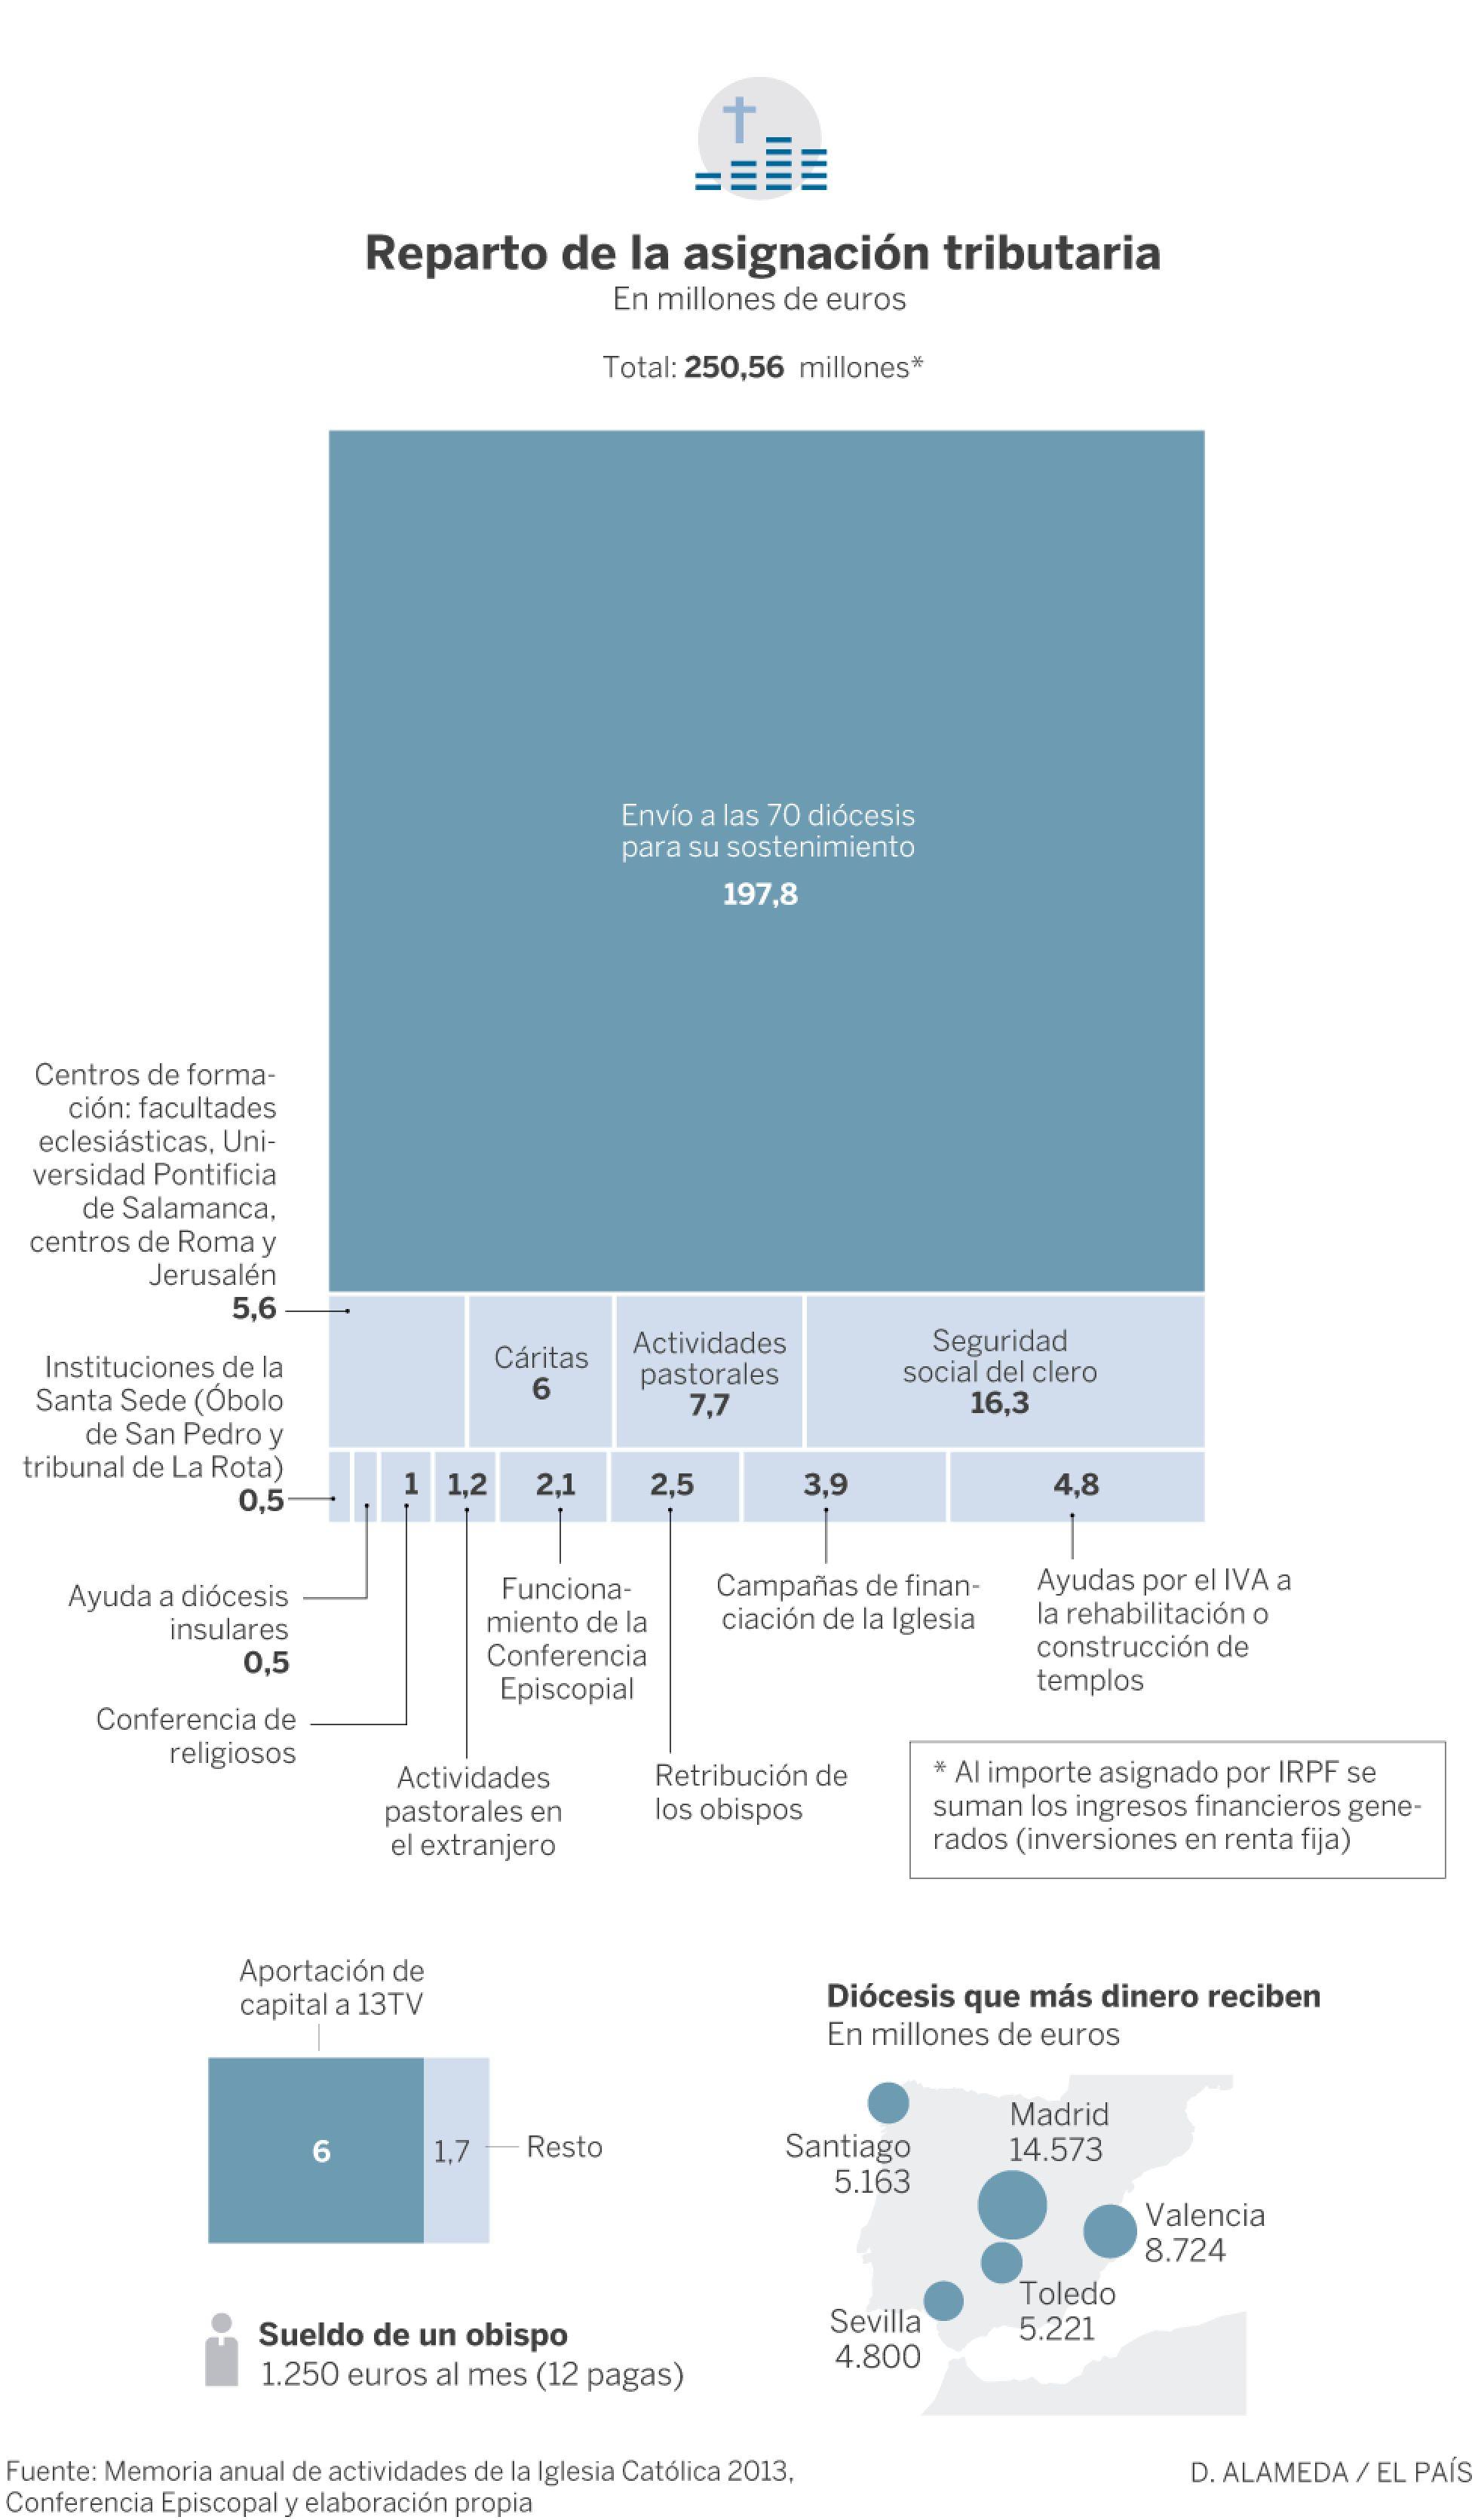 Católico materialismo. Religión e intereses económicos  y  capitalistas - Página 8 1457723749_058930_1457803398_sumario_normal_recorte1